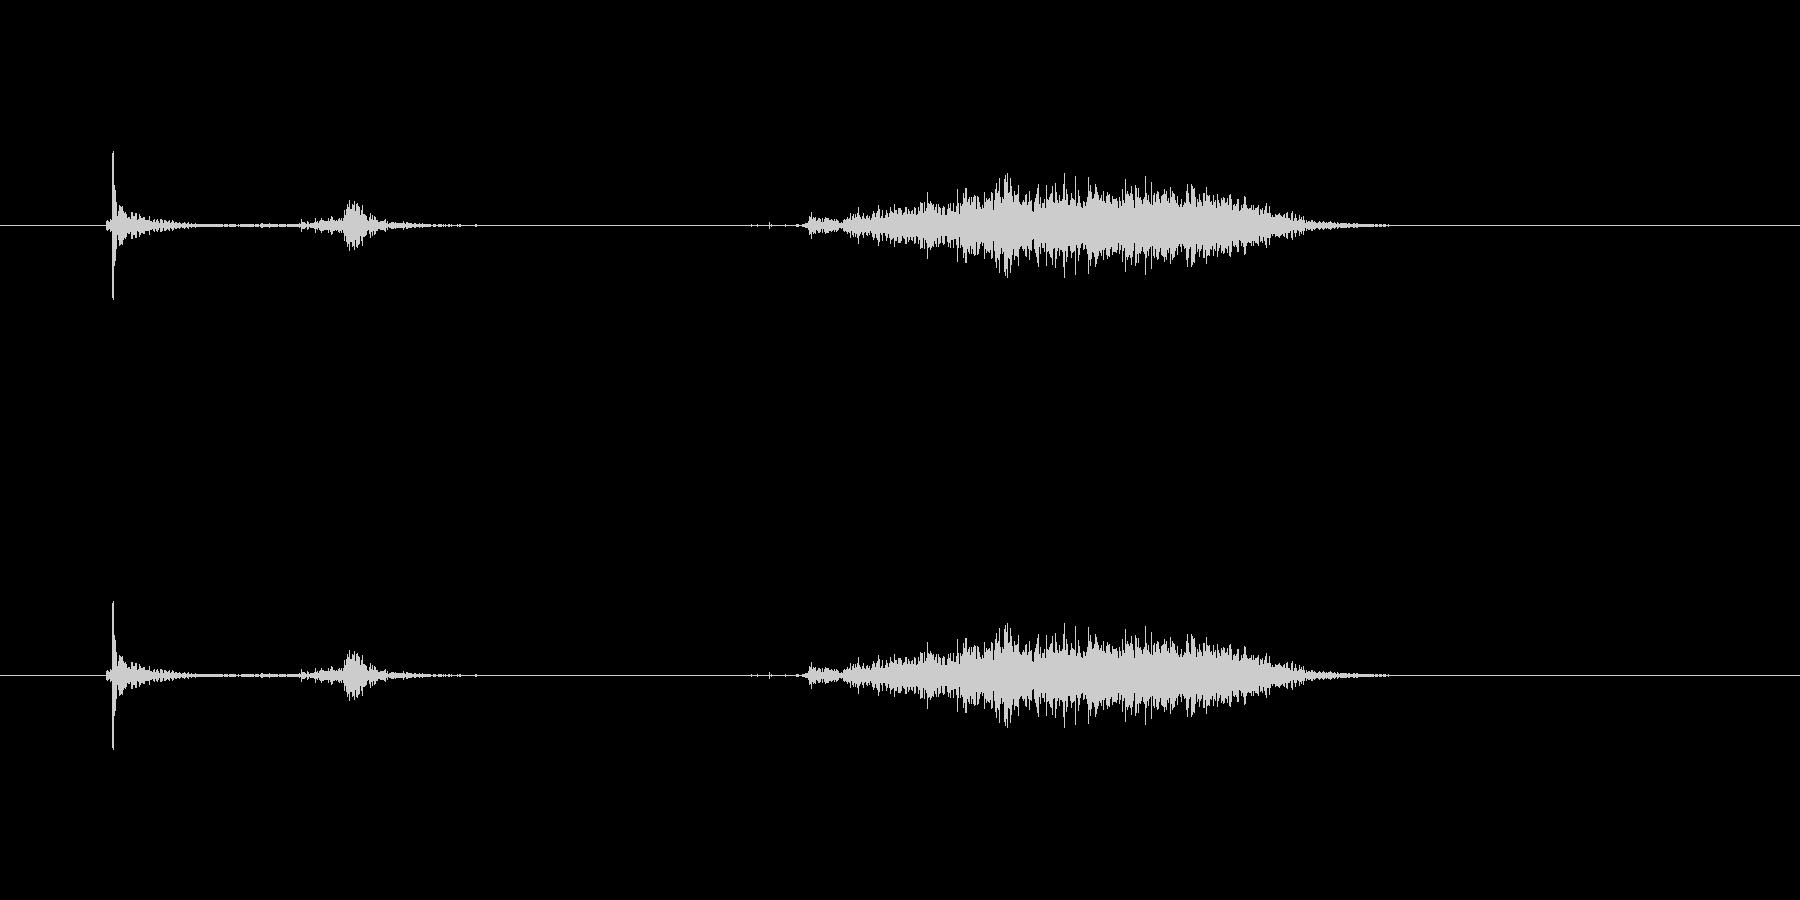 【カッター01-6(切る 段ボール)】の未再生の波形